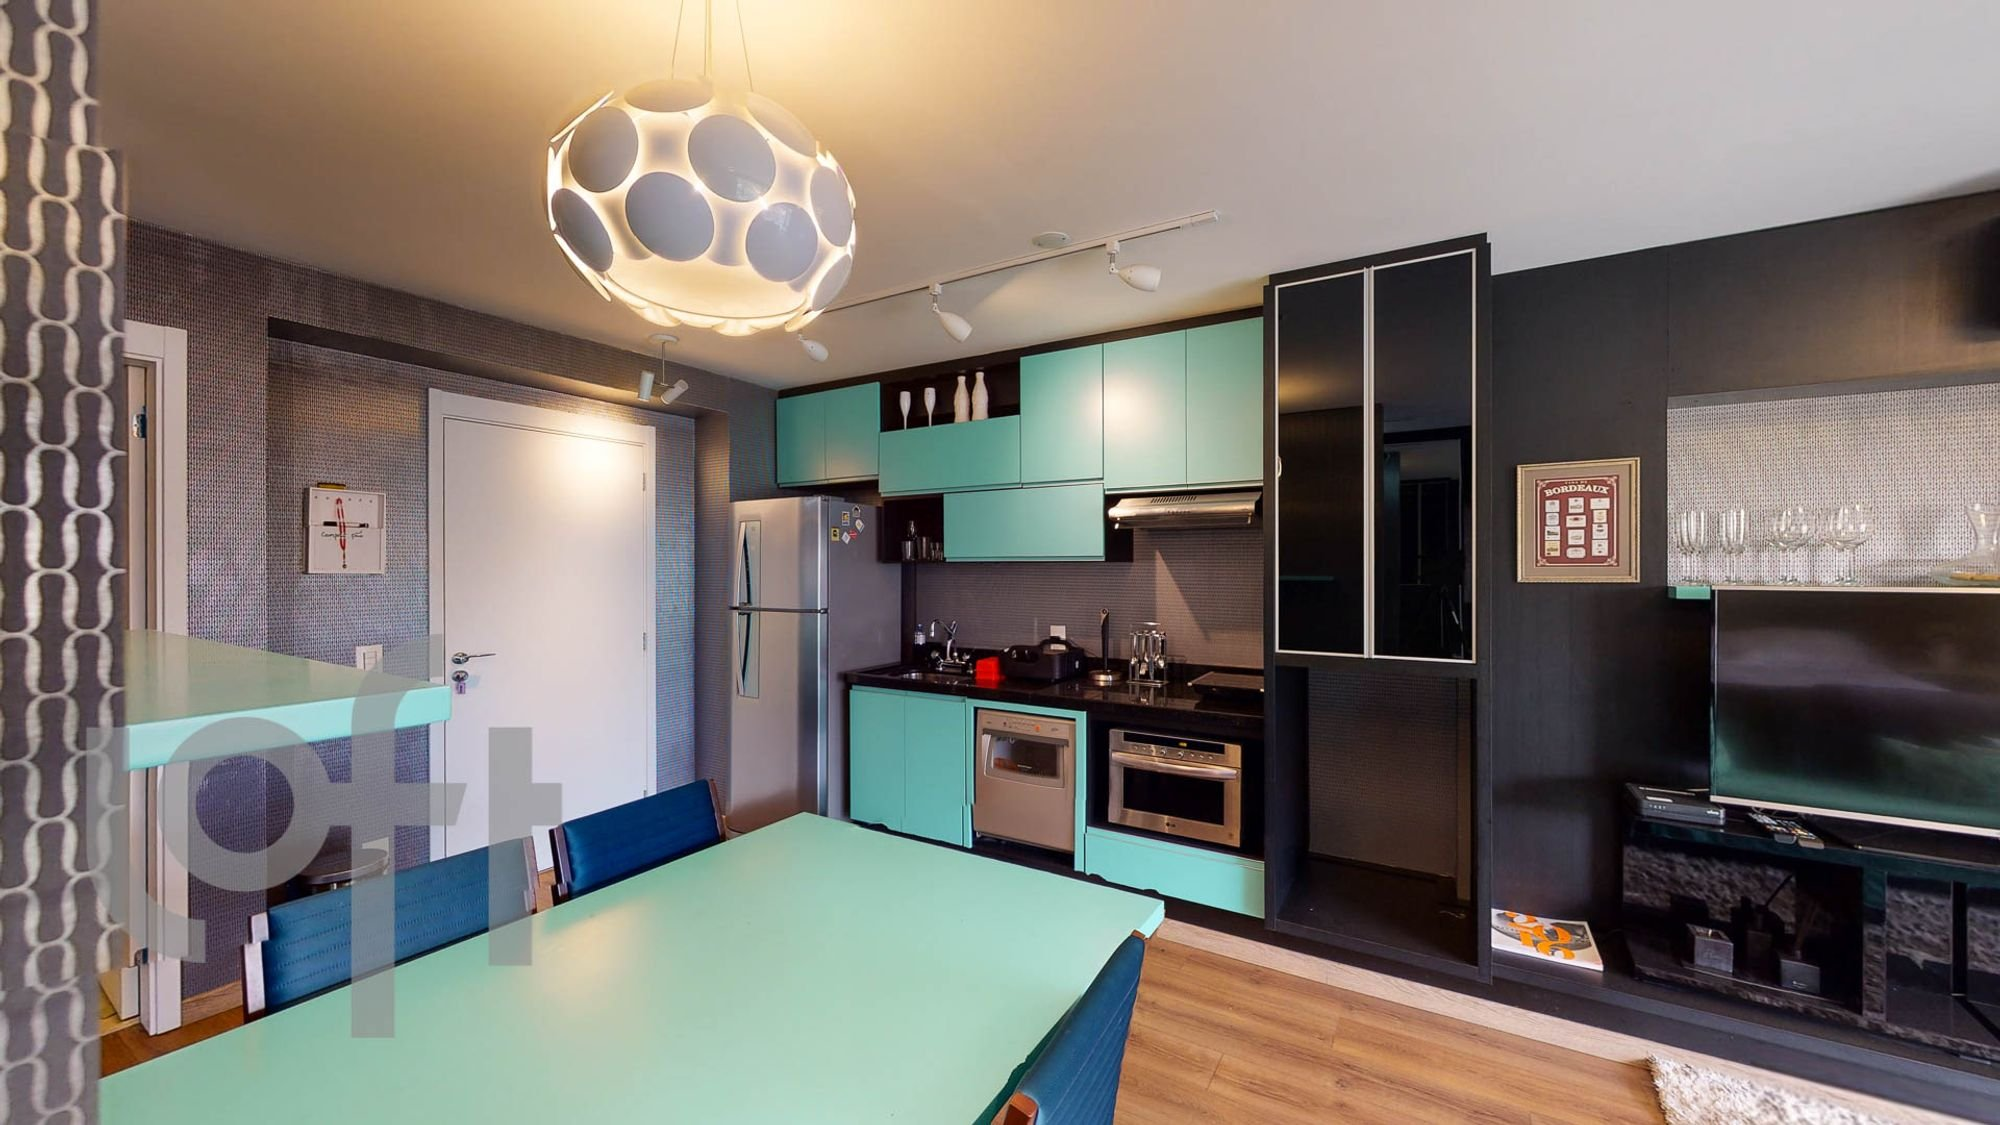 Foto de Cozinha com forno, geladeira, cadeira, mesa de jantar